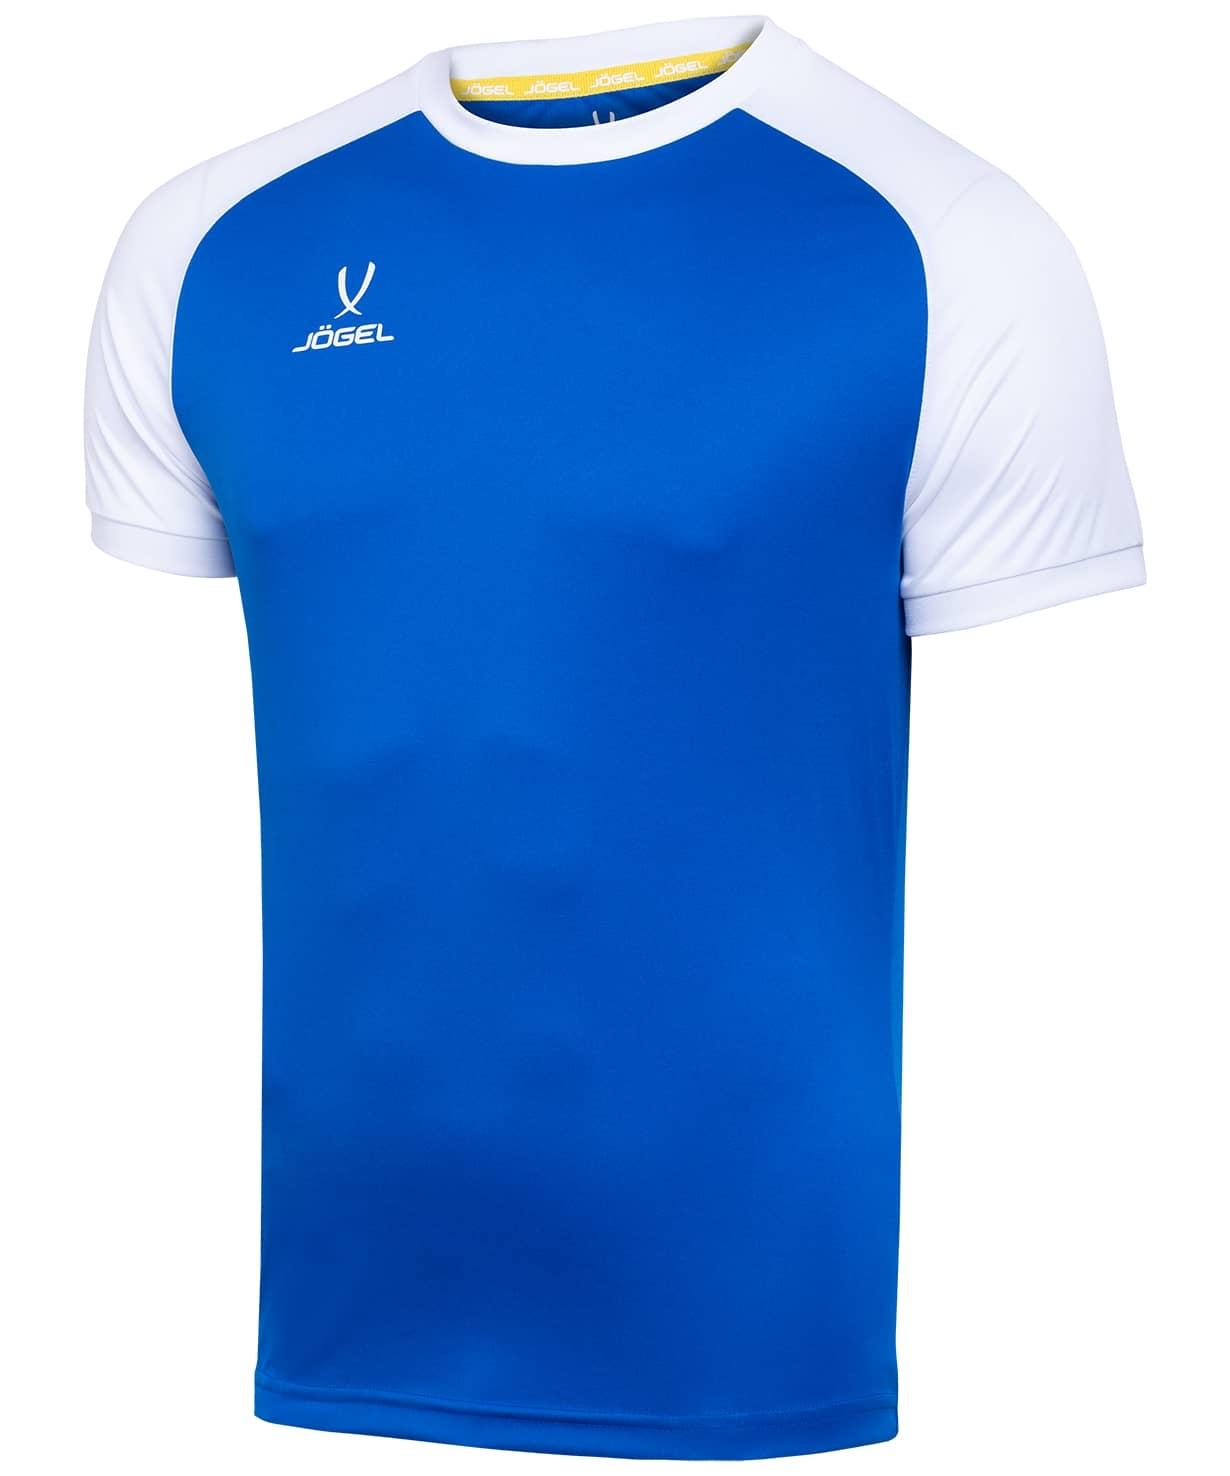 Футболка футбольная CAMP Reglan JFT-1021-071, синий/белый